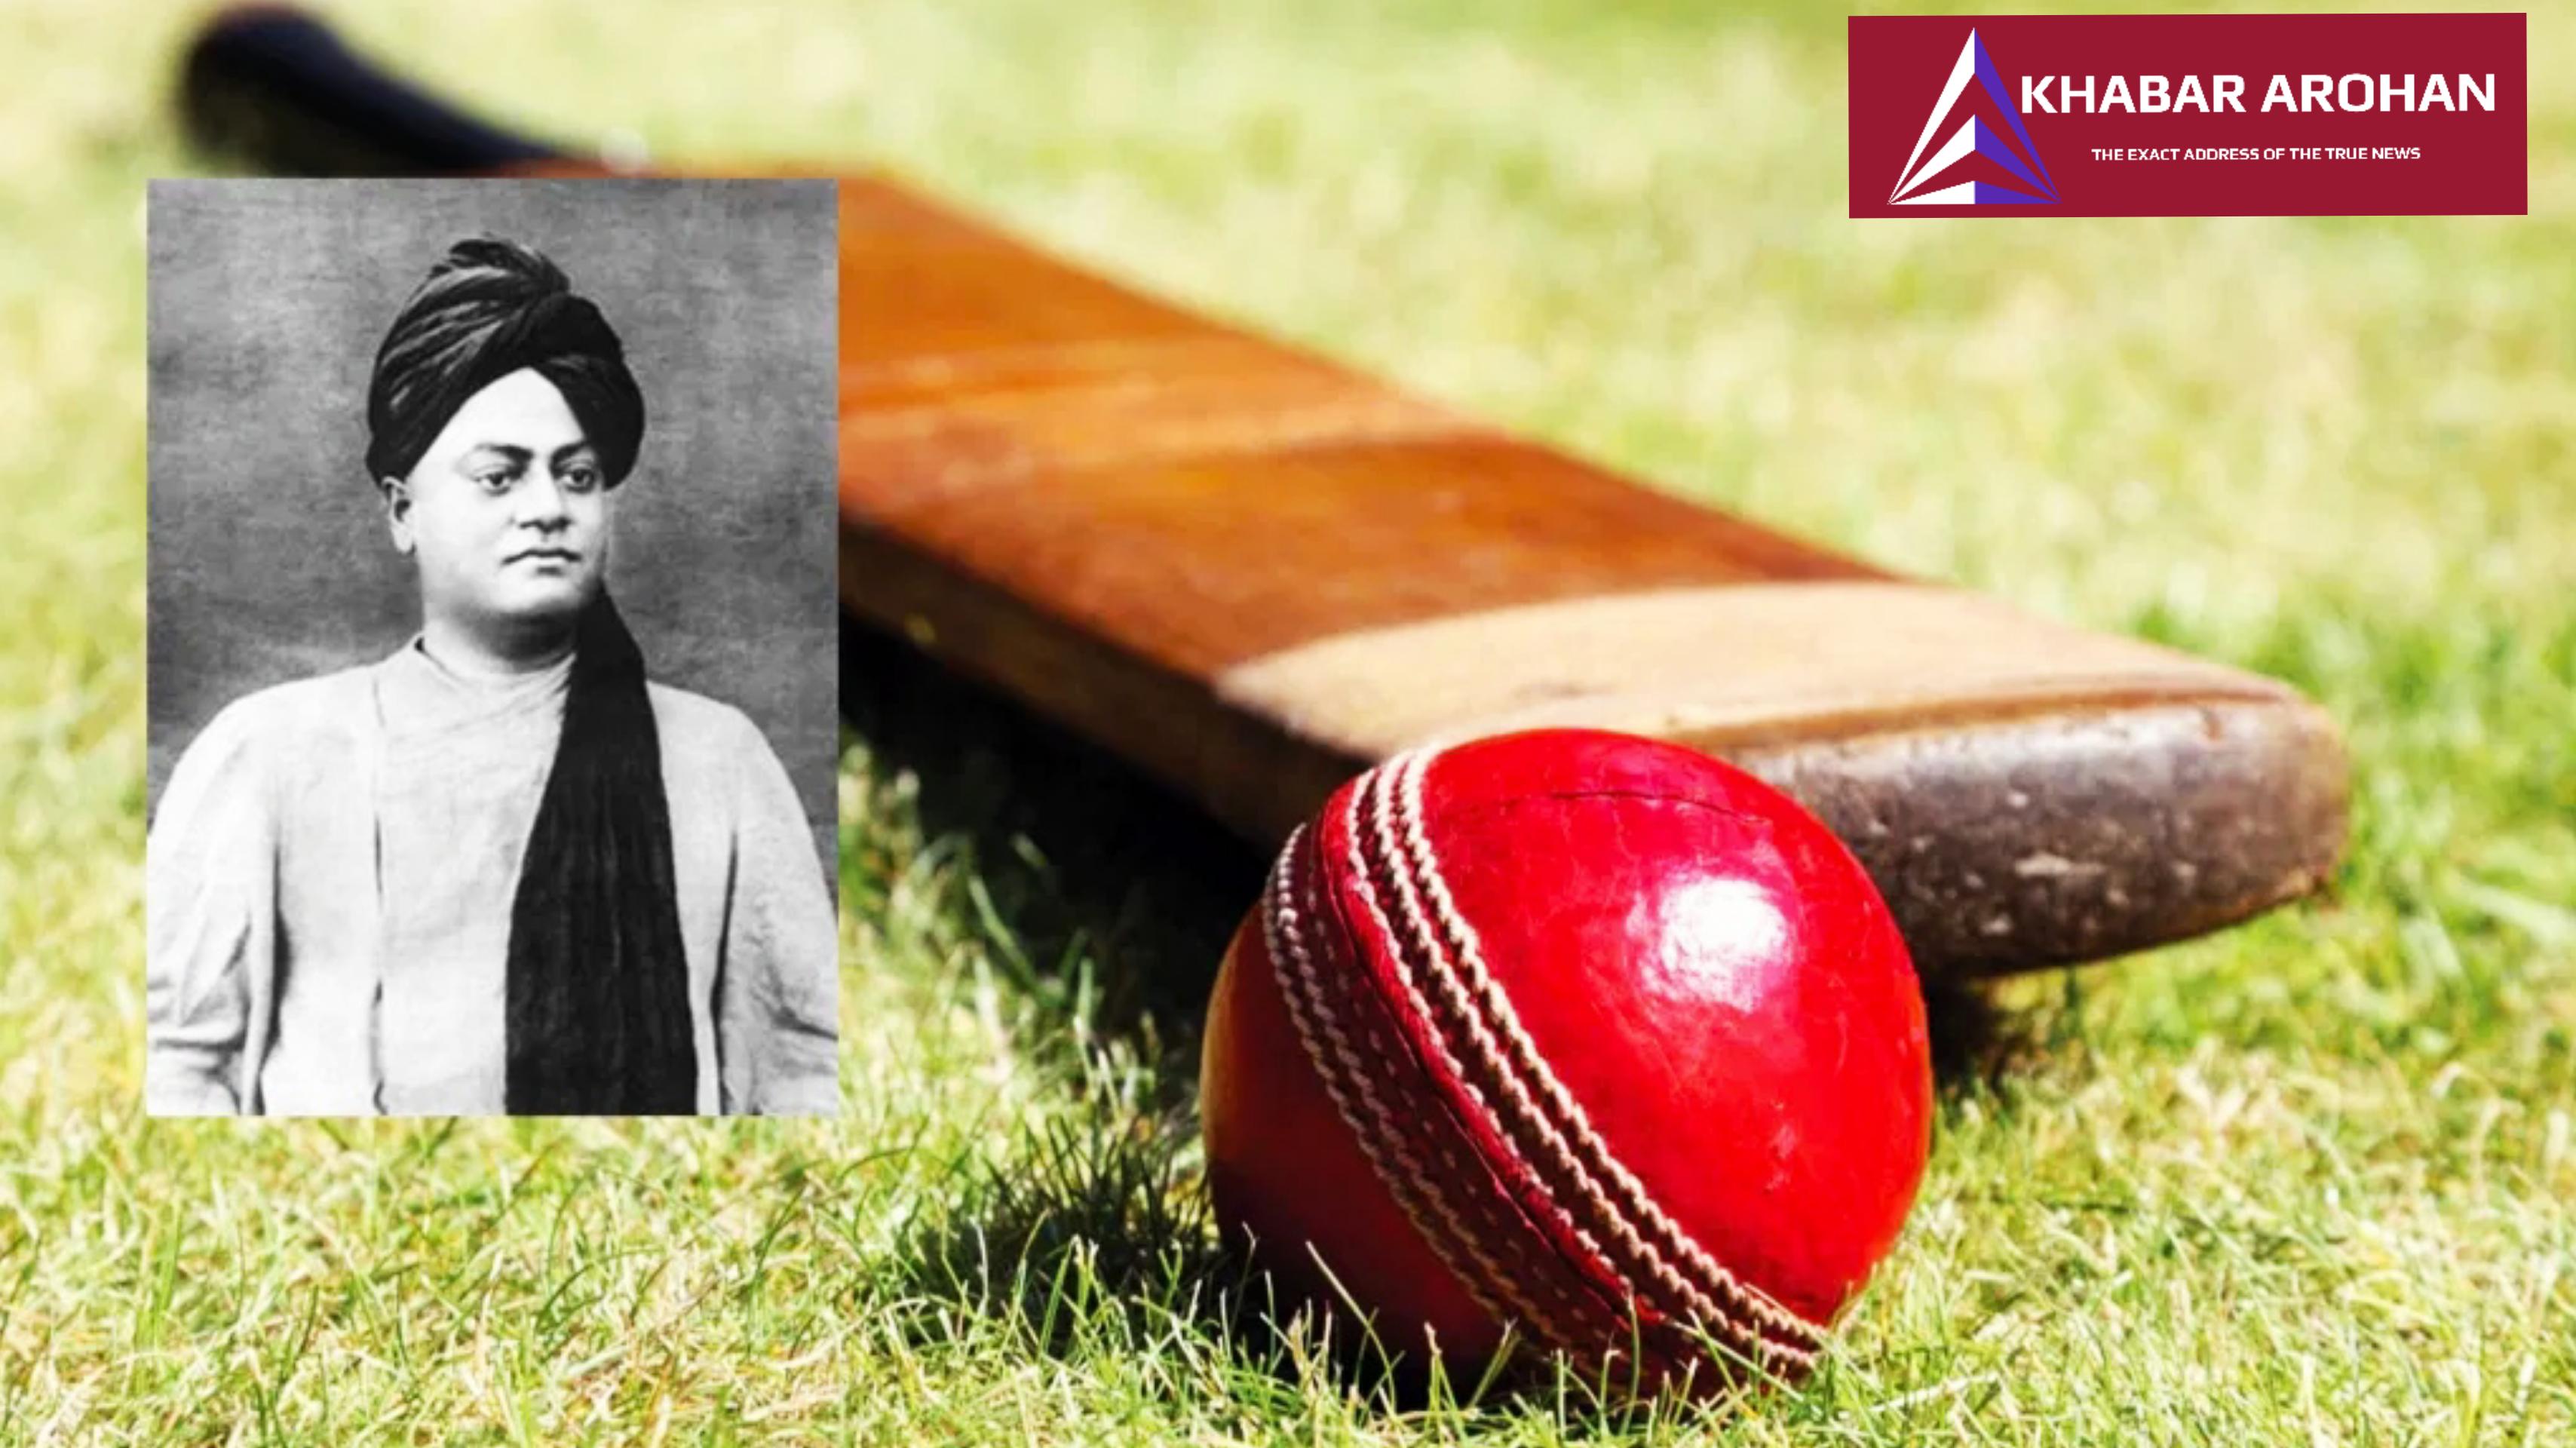 ইডেনে মাত্র 20 রান দিয়ে সাত উইকেট তুলে নিয়েছিলেন ক্রিকেটর স্বামী বিবেকানন্দ!